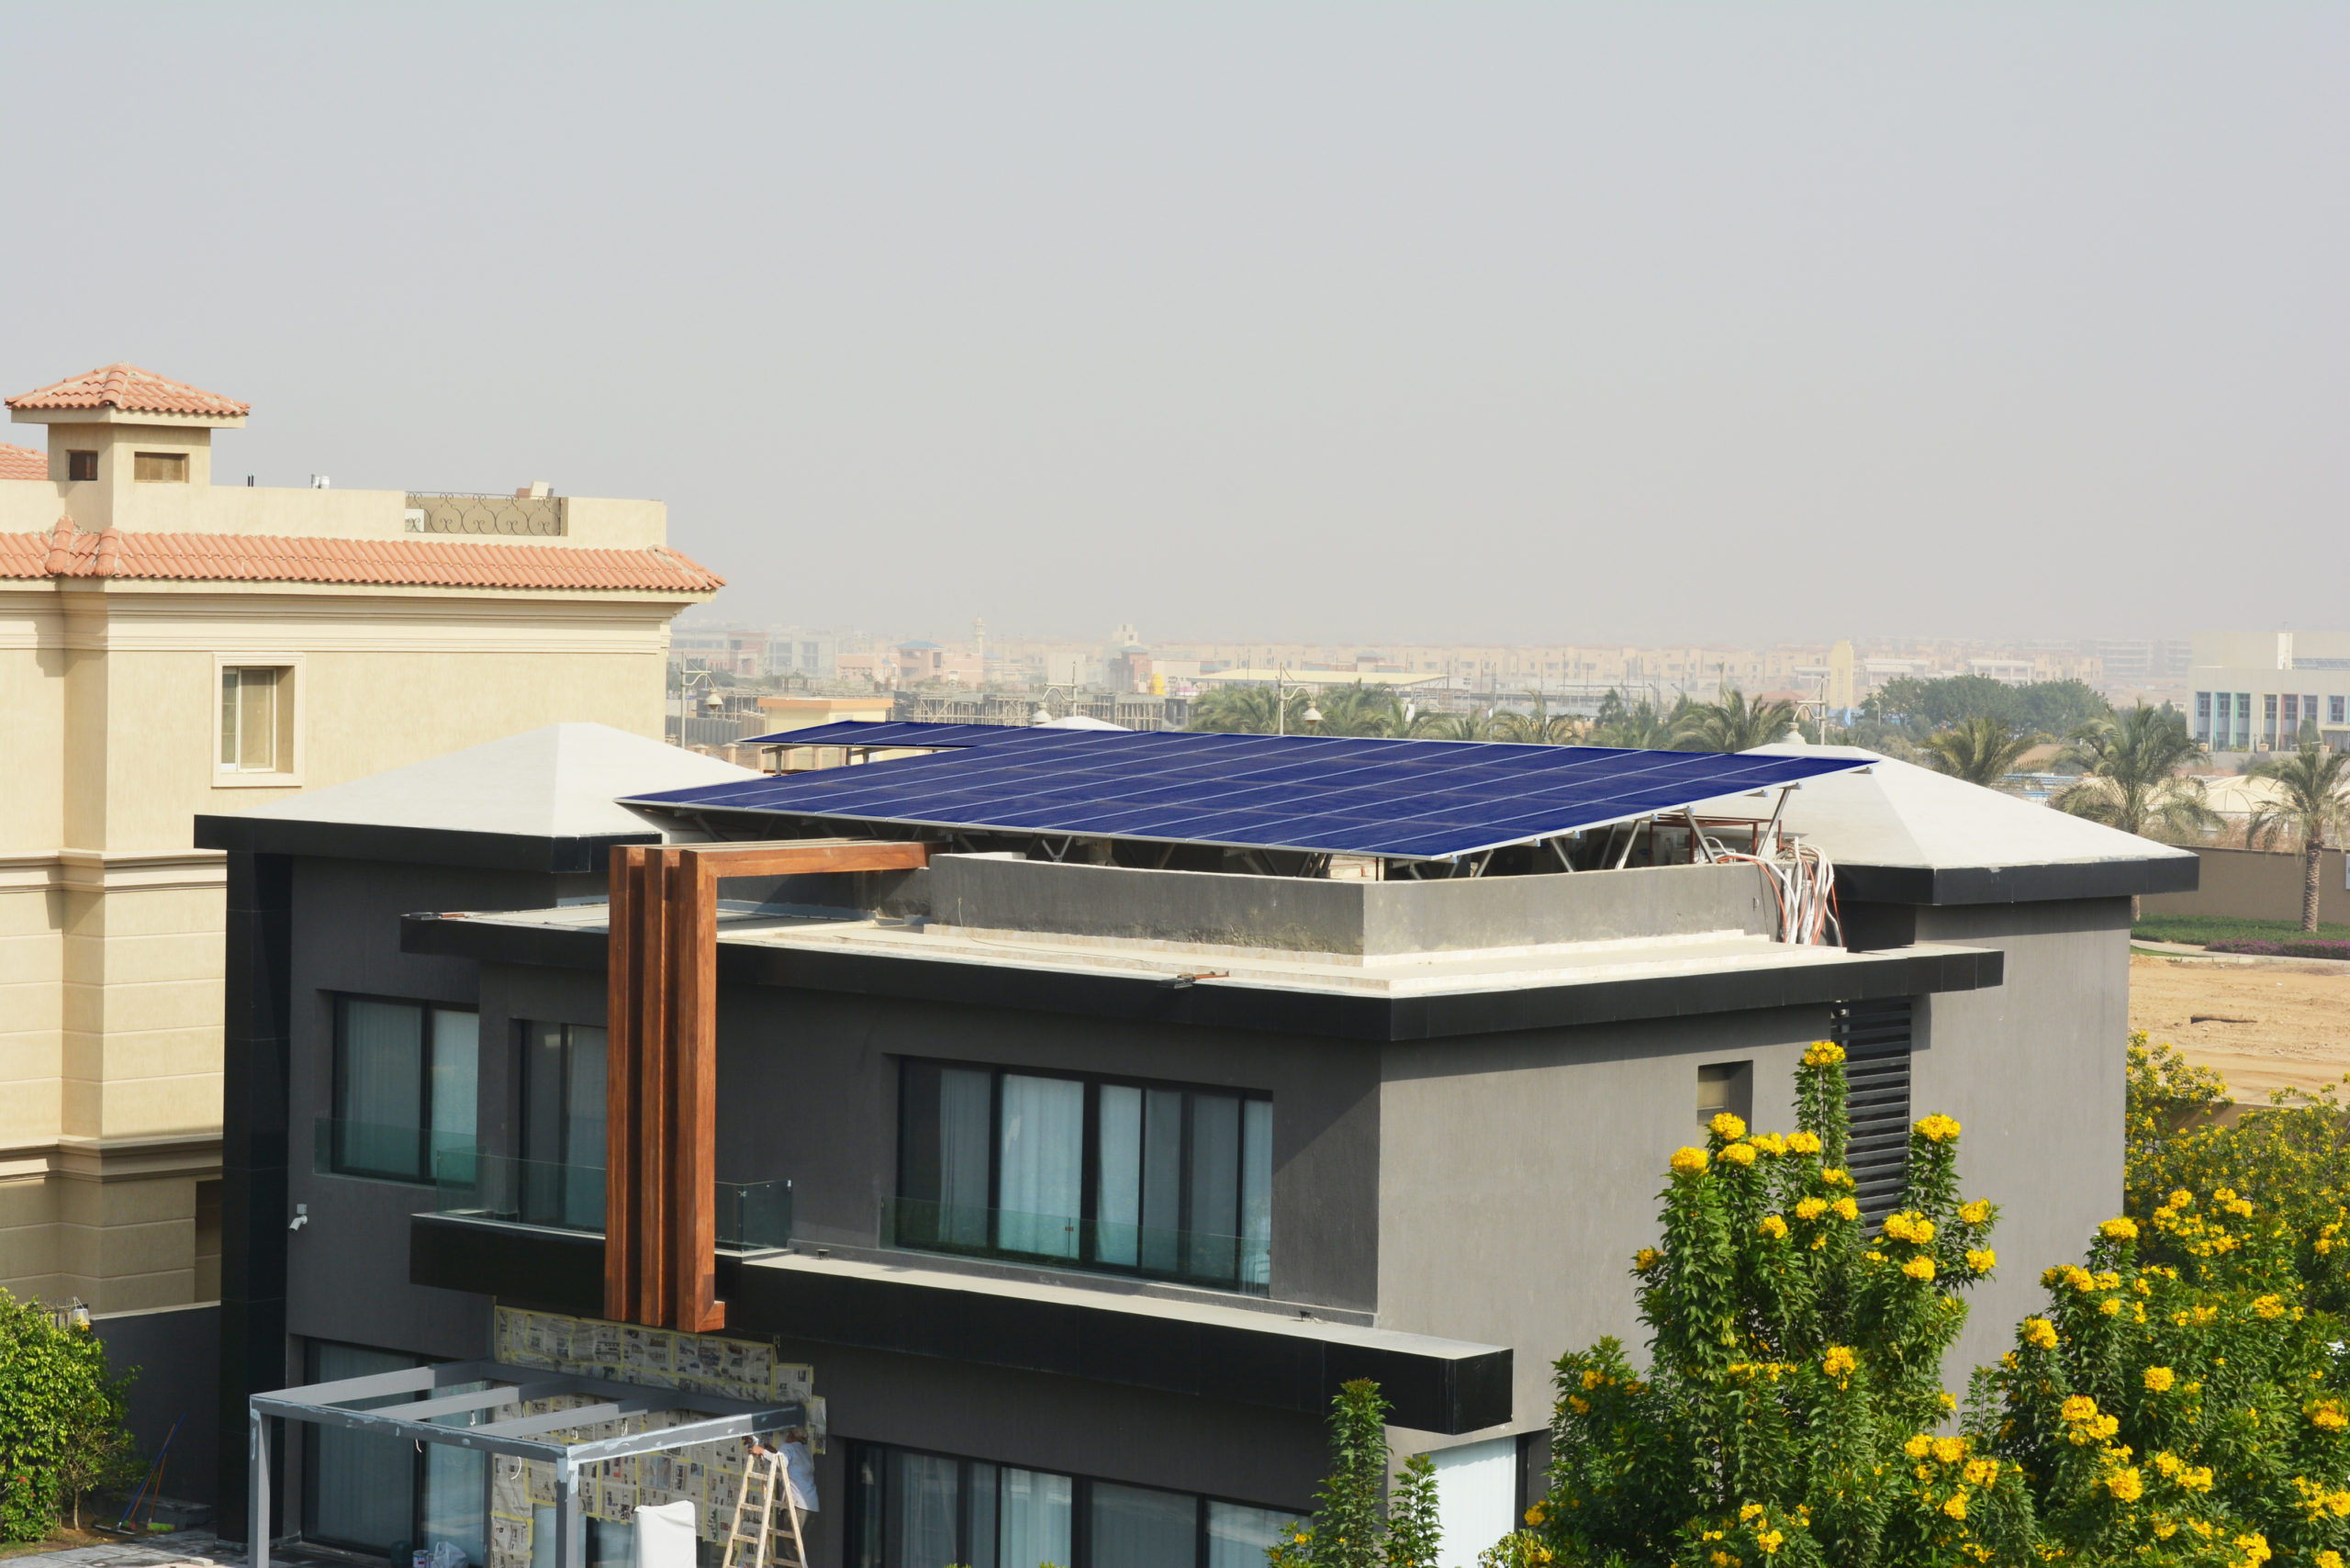 مشروع-طاقة-شمسيه-بالقاطميه ديونز 2